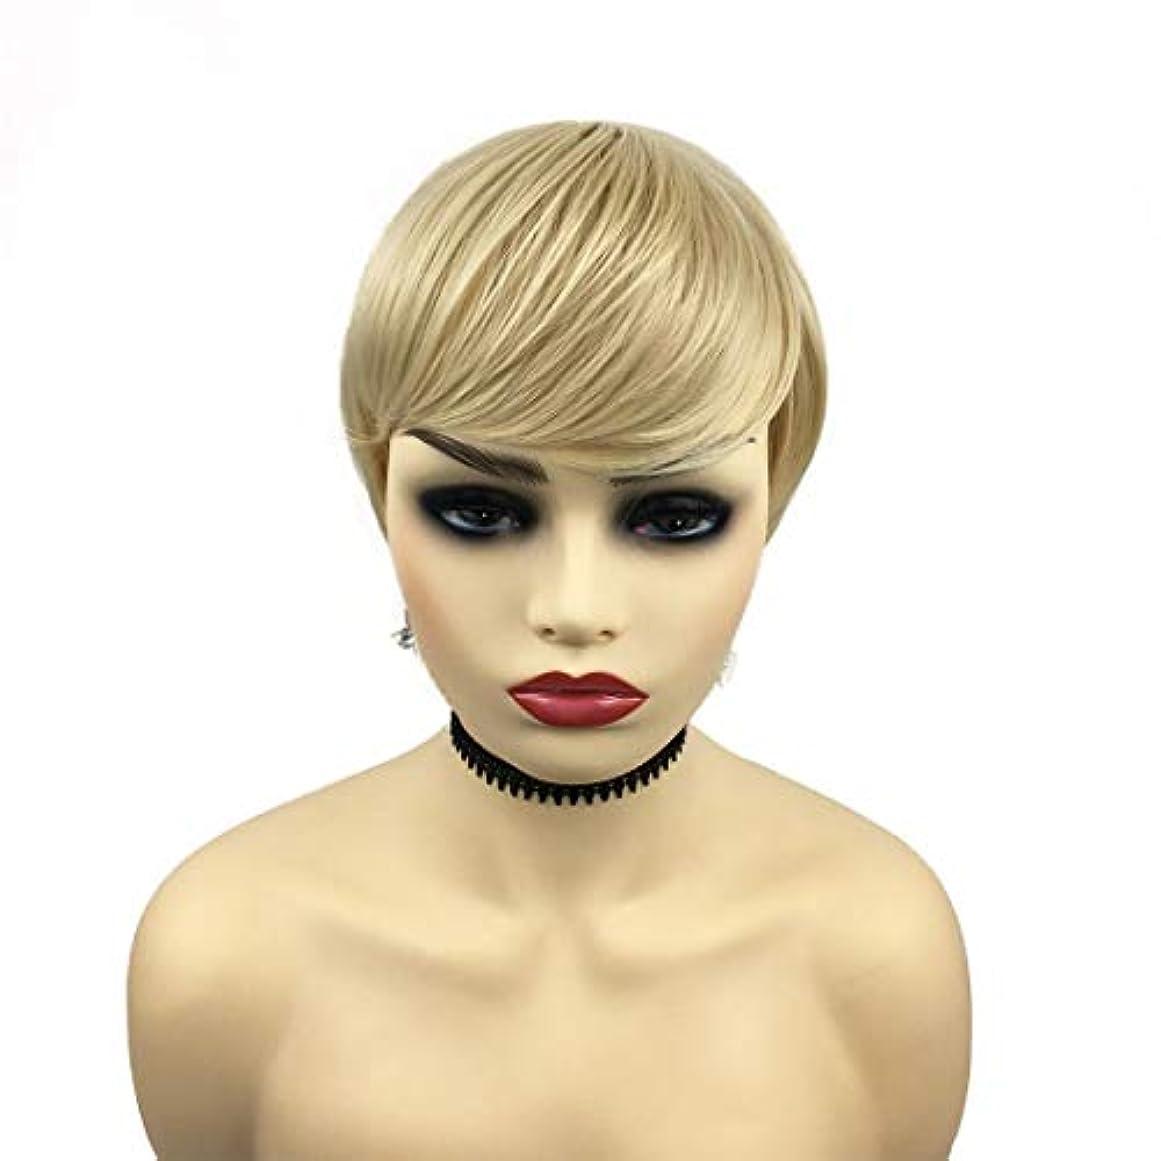 もし記録天気YOUQIU 女性の耐熱ウィッグナチュラルヘアウィッグのための金髪ショート傾斜部髪ストレート天然、合成ストレートウィッグ (色 : Blonde)